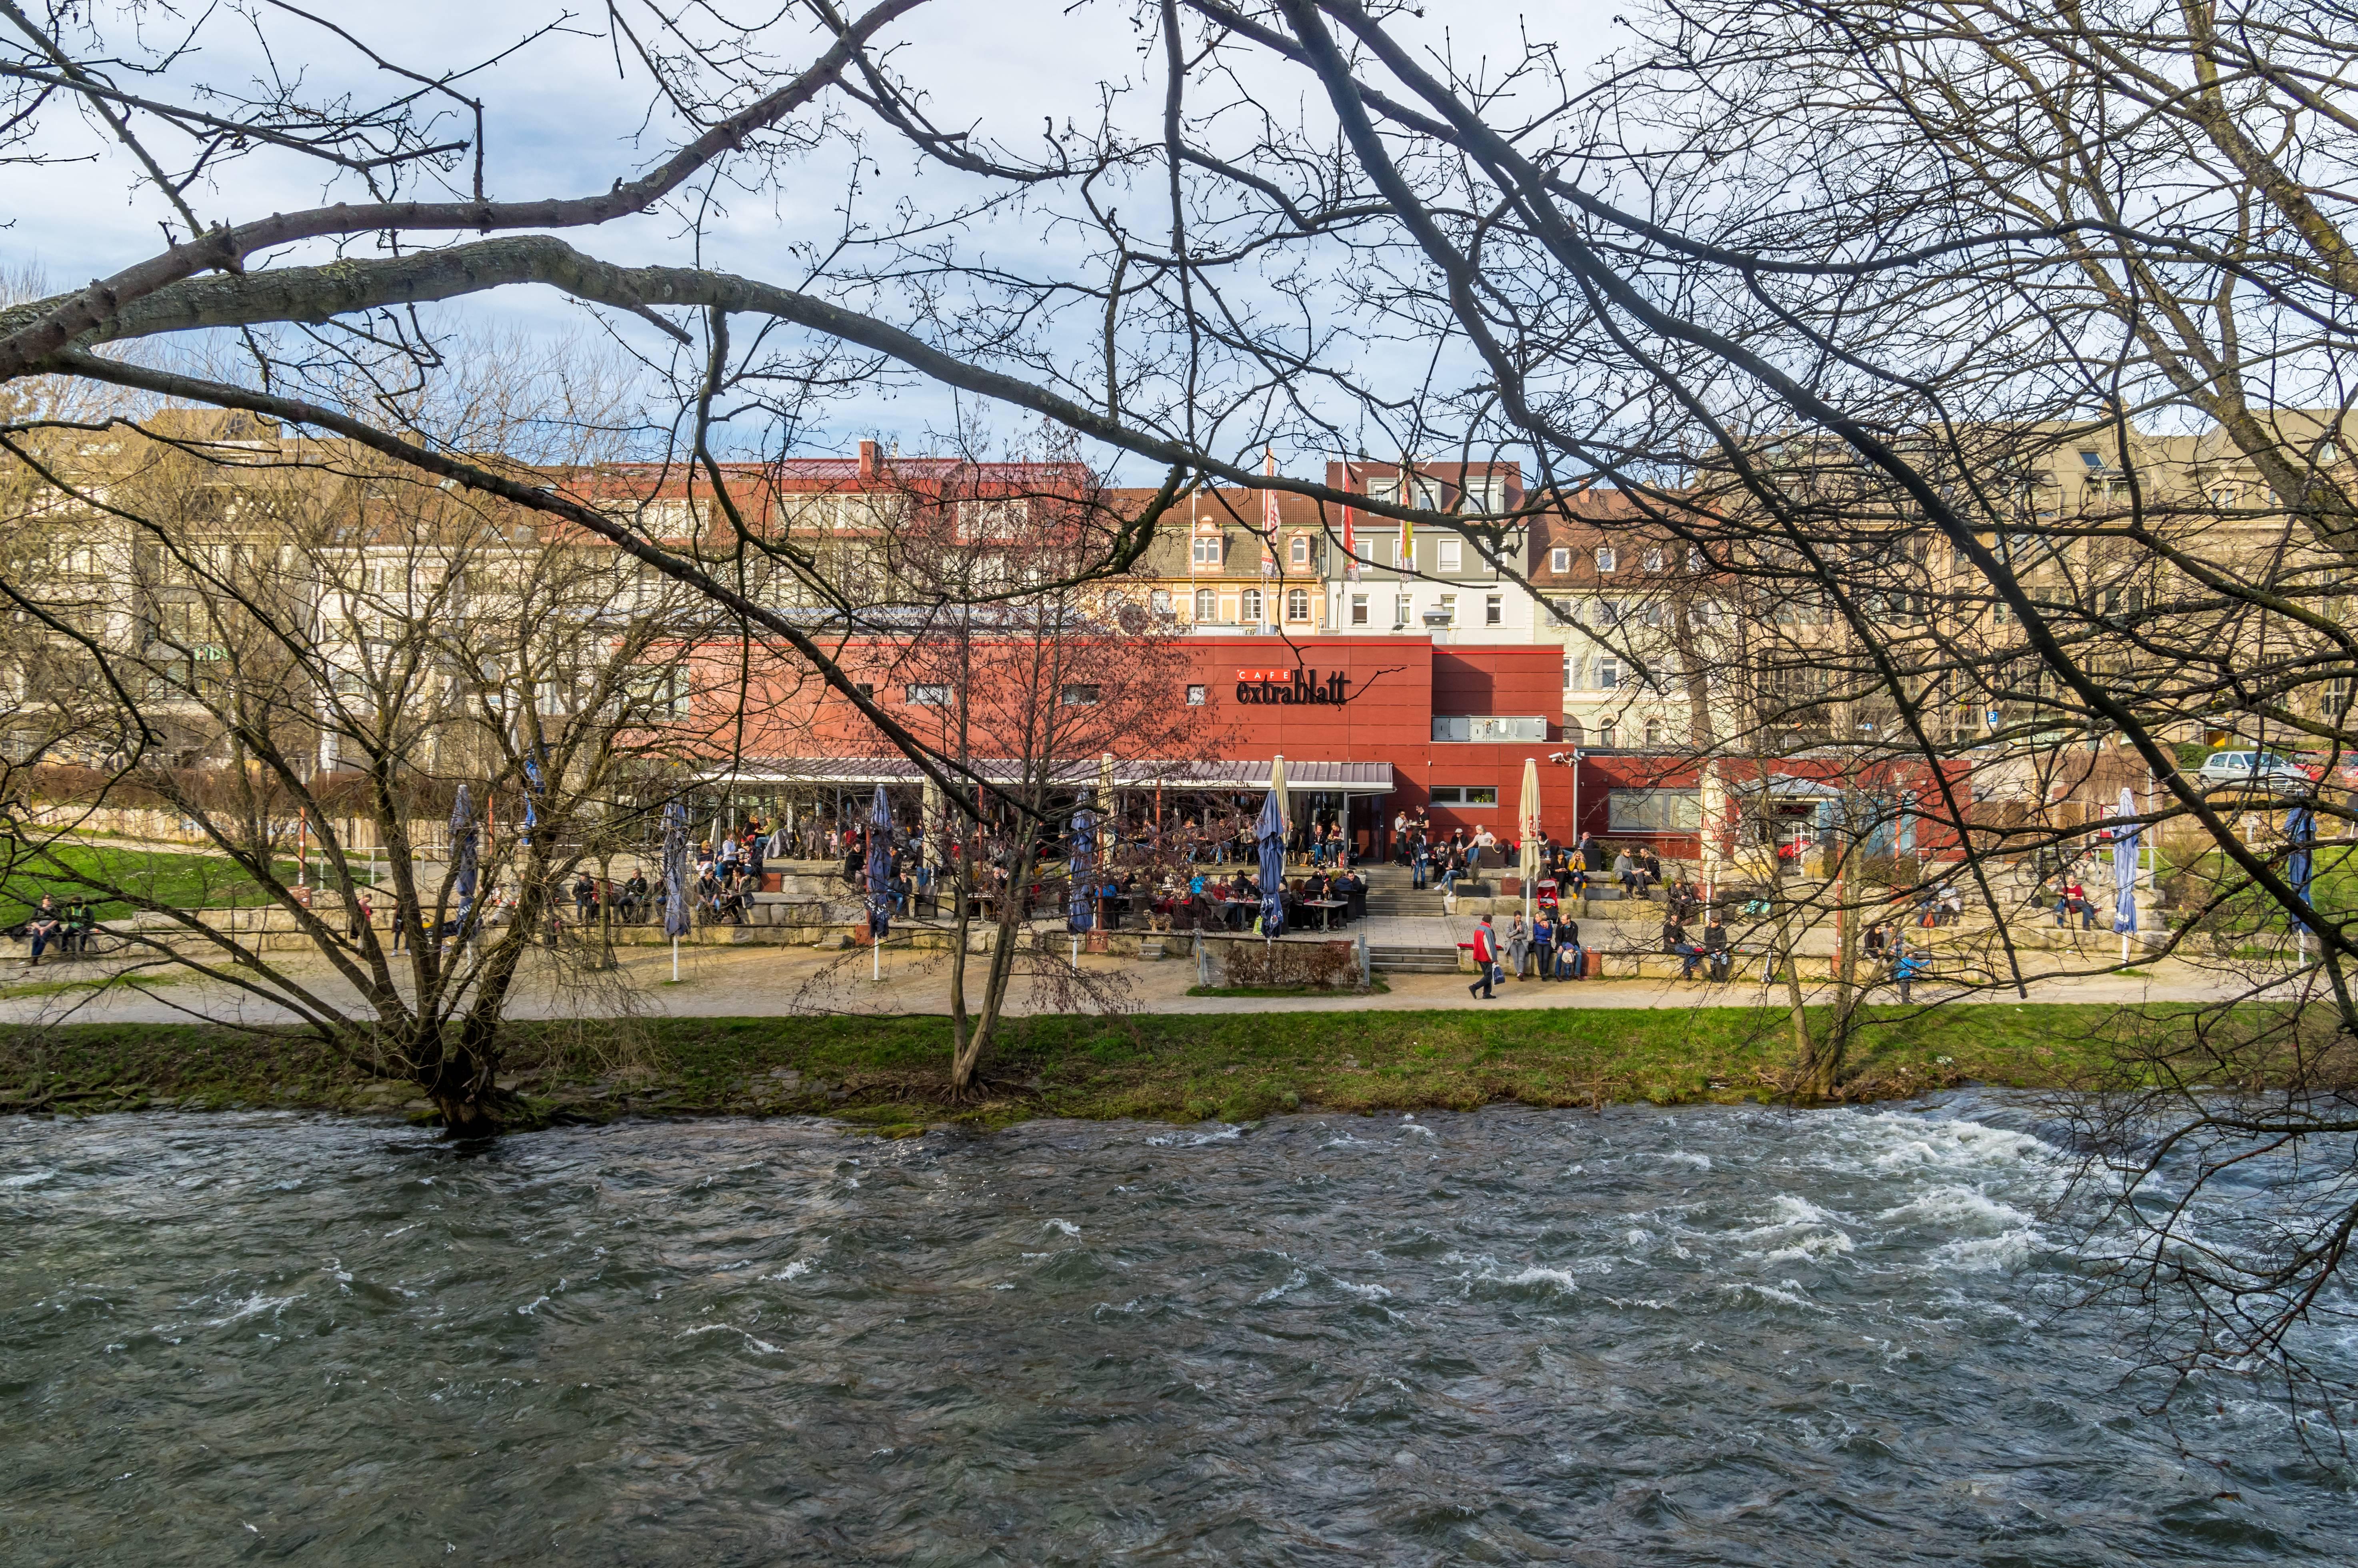 Extrablatt (Freiburg) jm55793.jpg